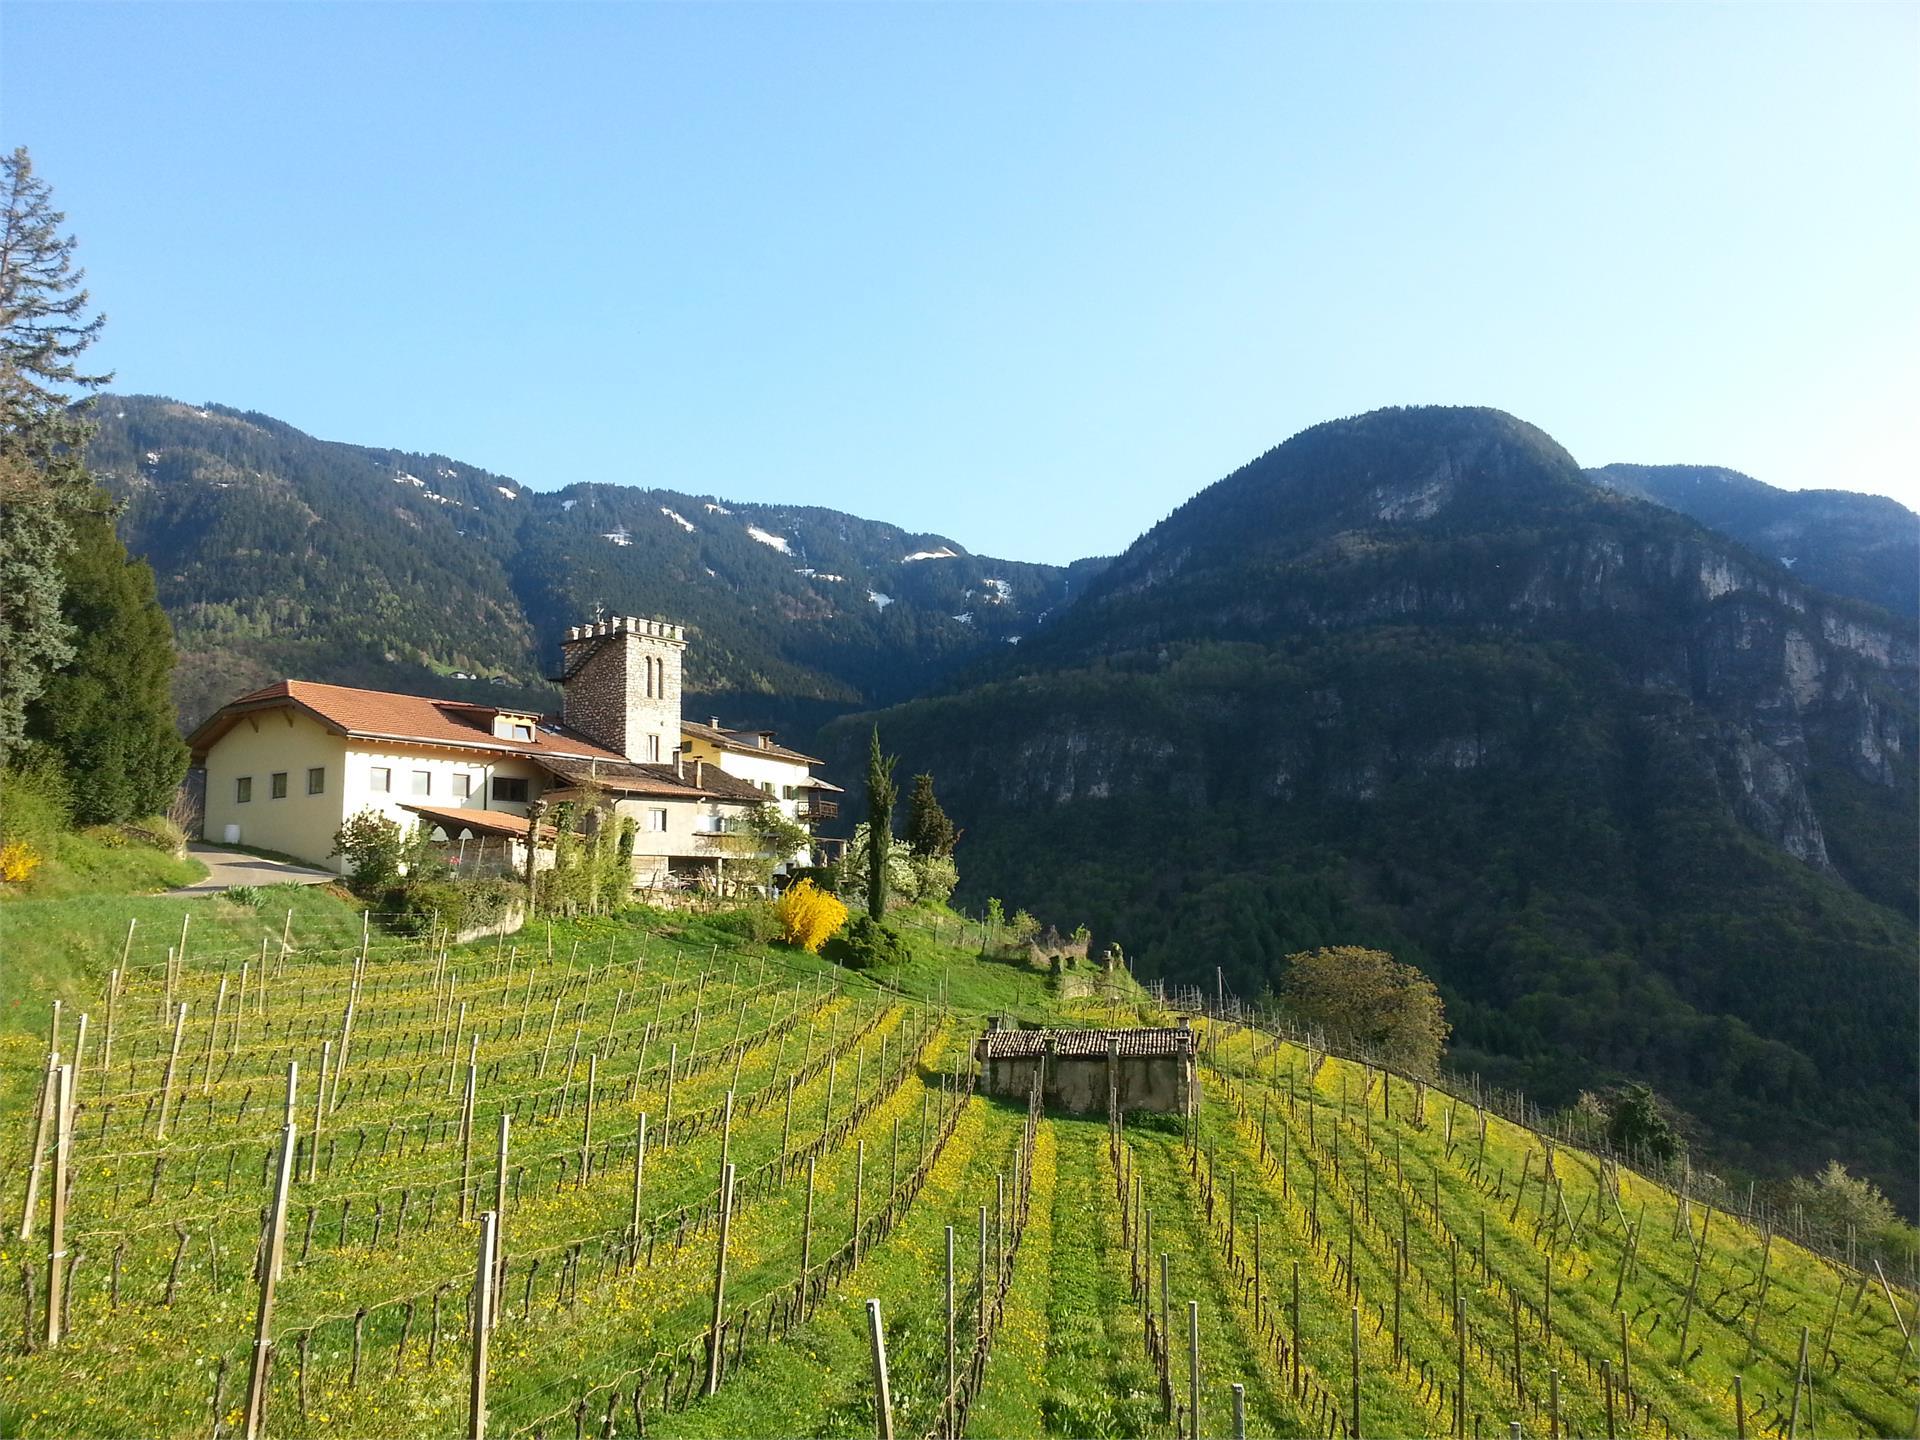 Winery Maso Thaler